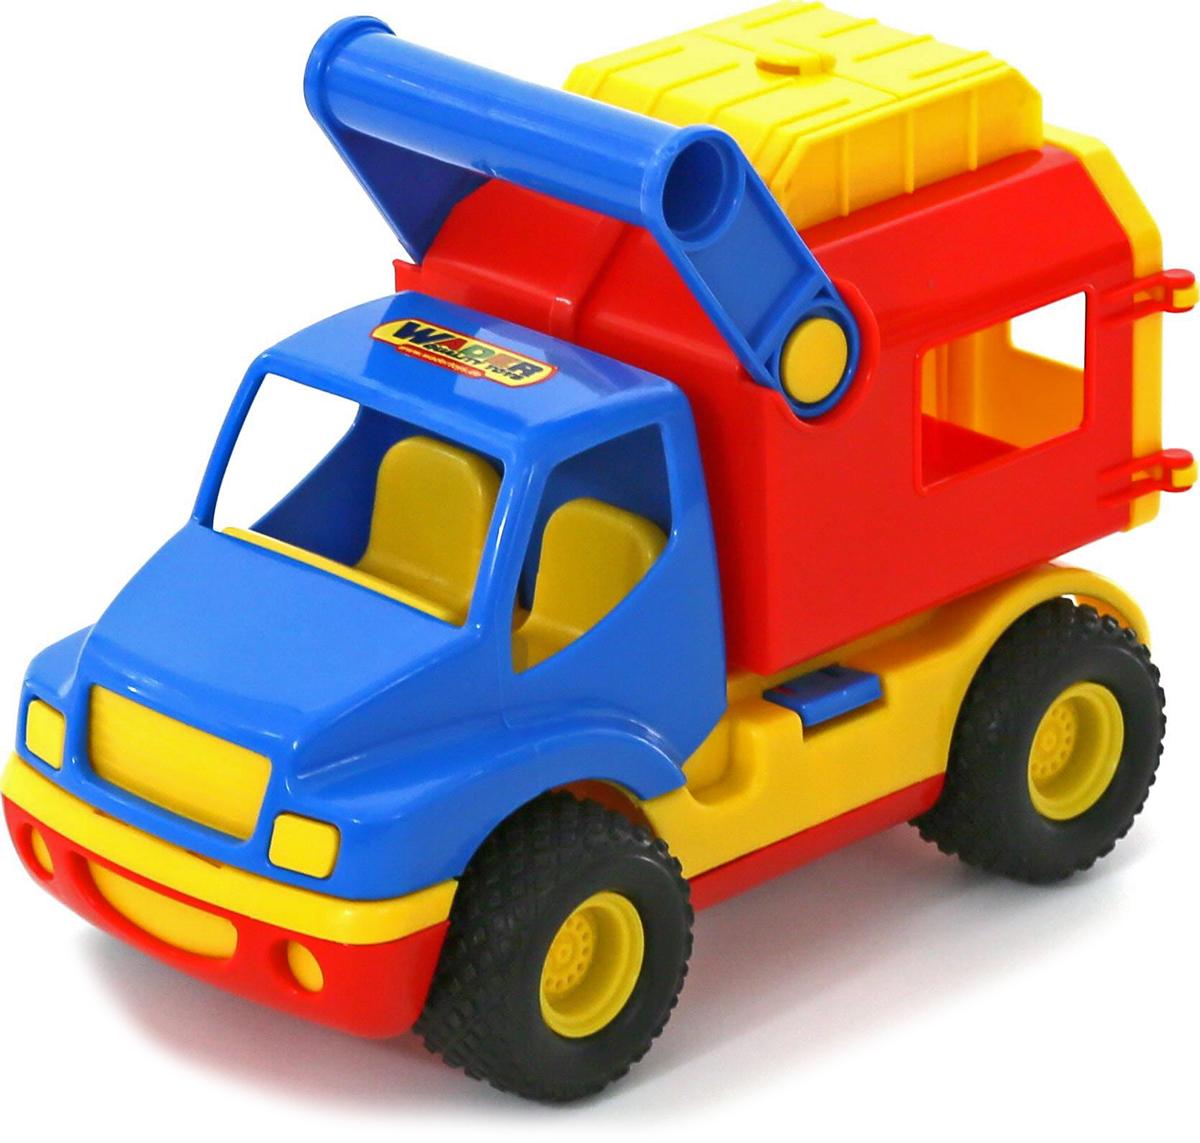 Полесье Фургон КонсТрак полесье коммунальный автомобиль констрак